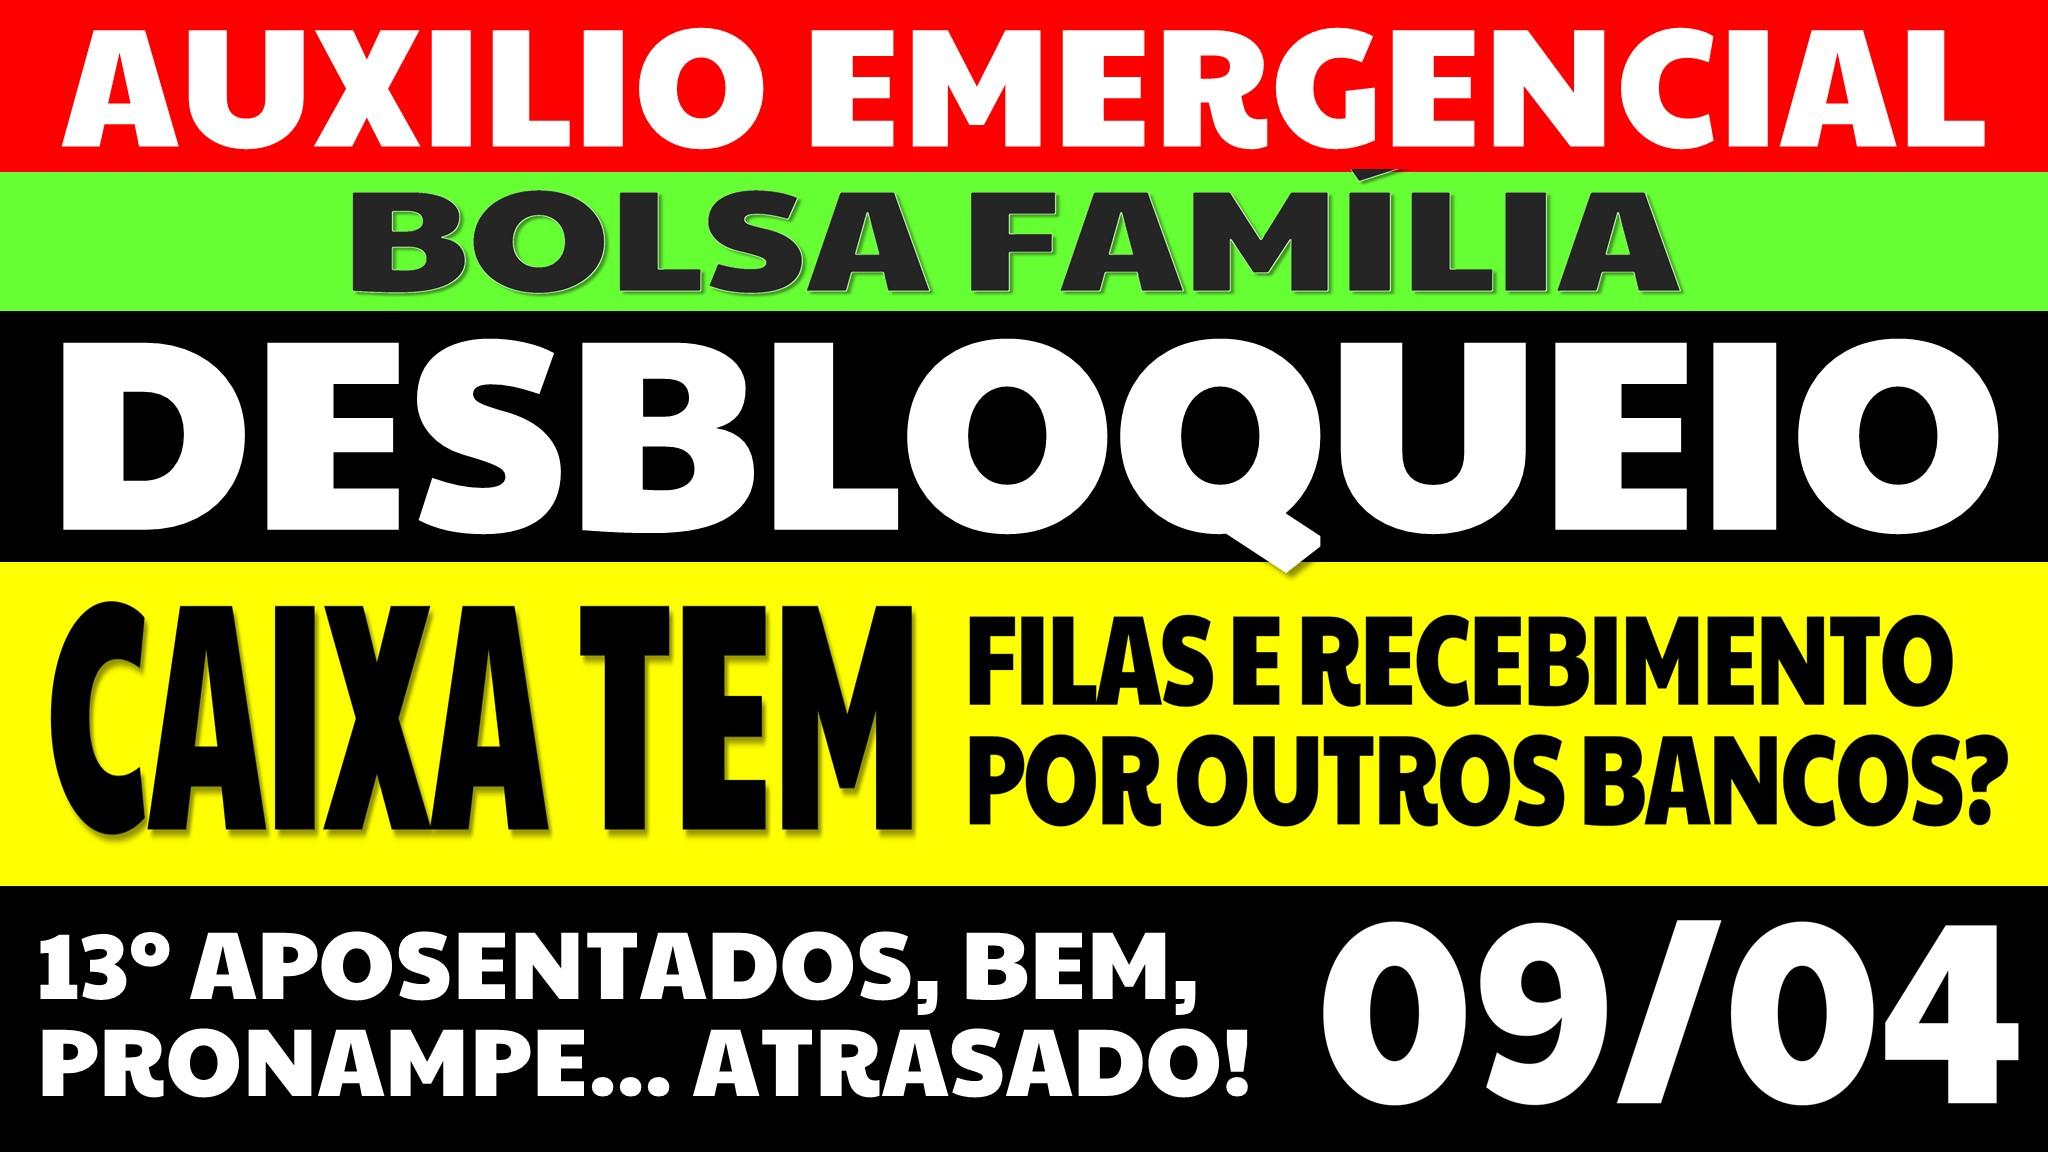 Auxílio Emergencial Hoje – 09/04